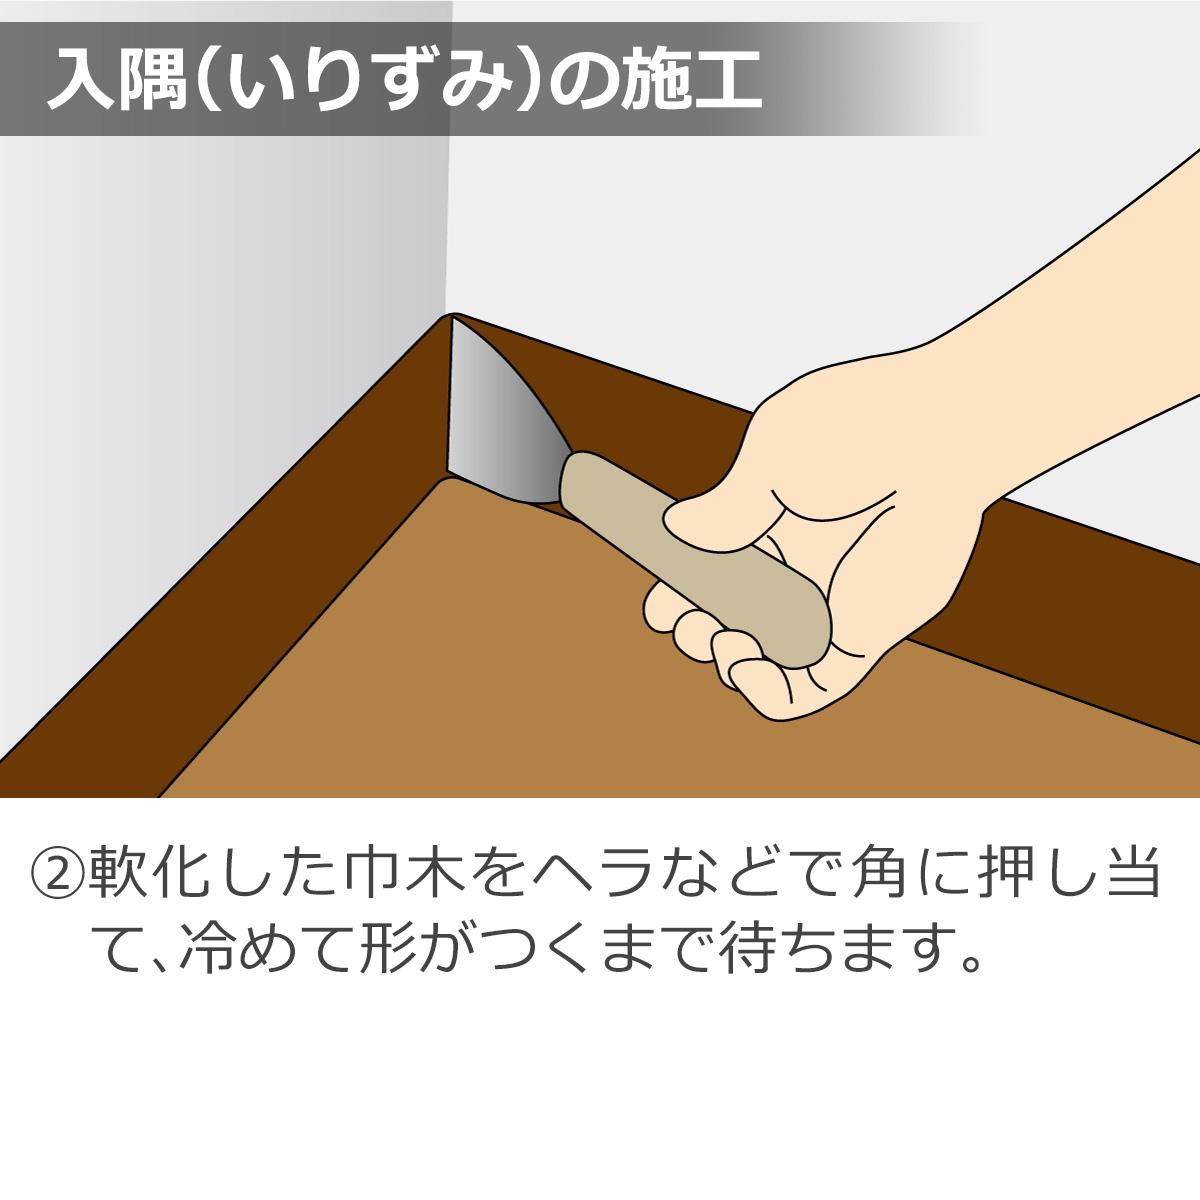 入隅の施工 軟化した巾木をヘラなどで角に押し当て、冷めて形がつくまで待ちます